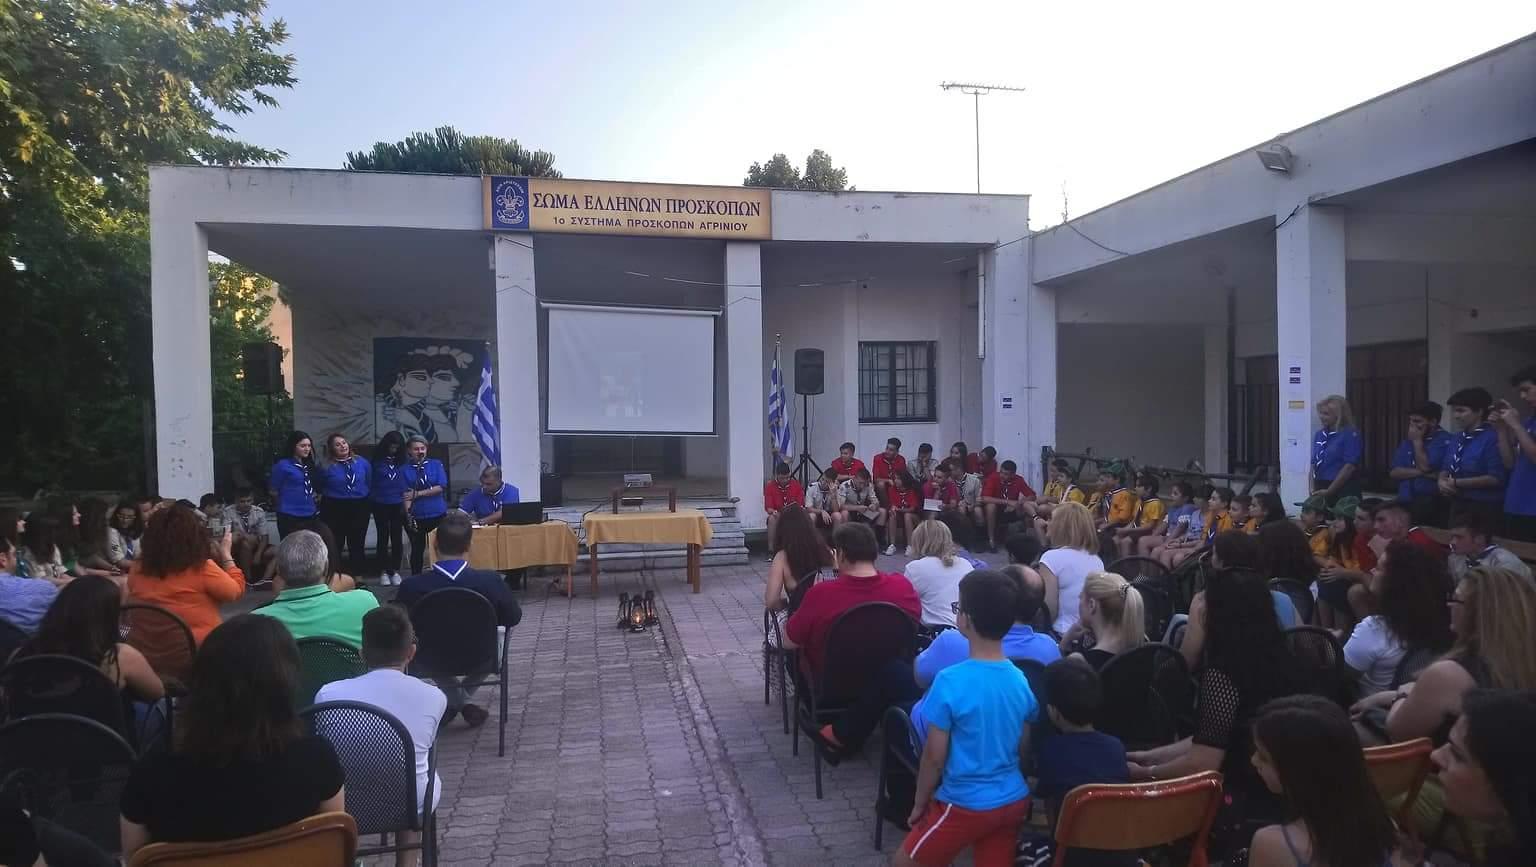 Η πυρά λήξης των Προσκόπων στο Αγρίνιο (φωτο)